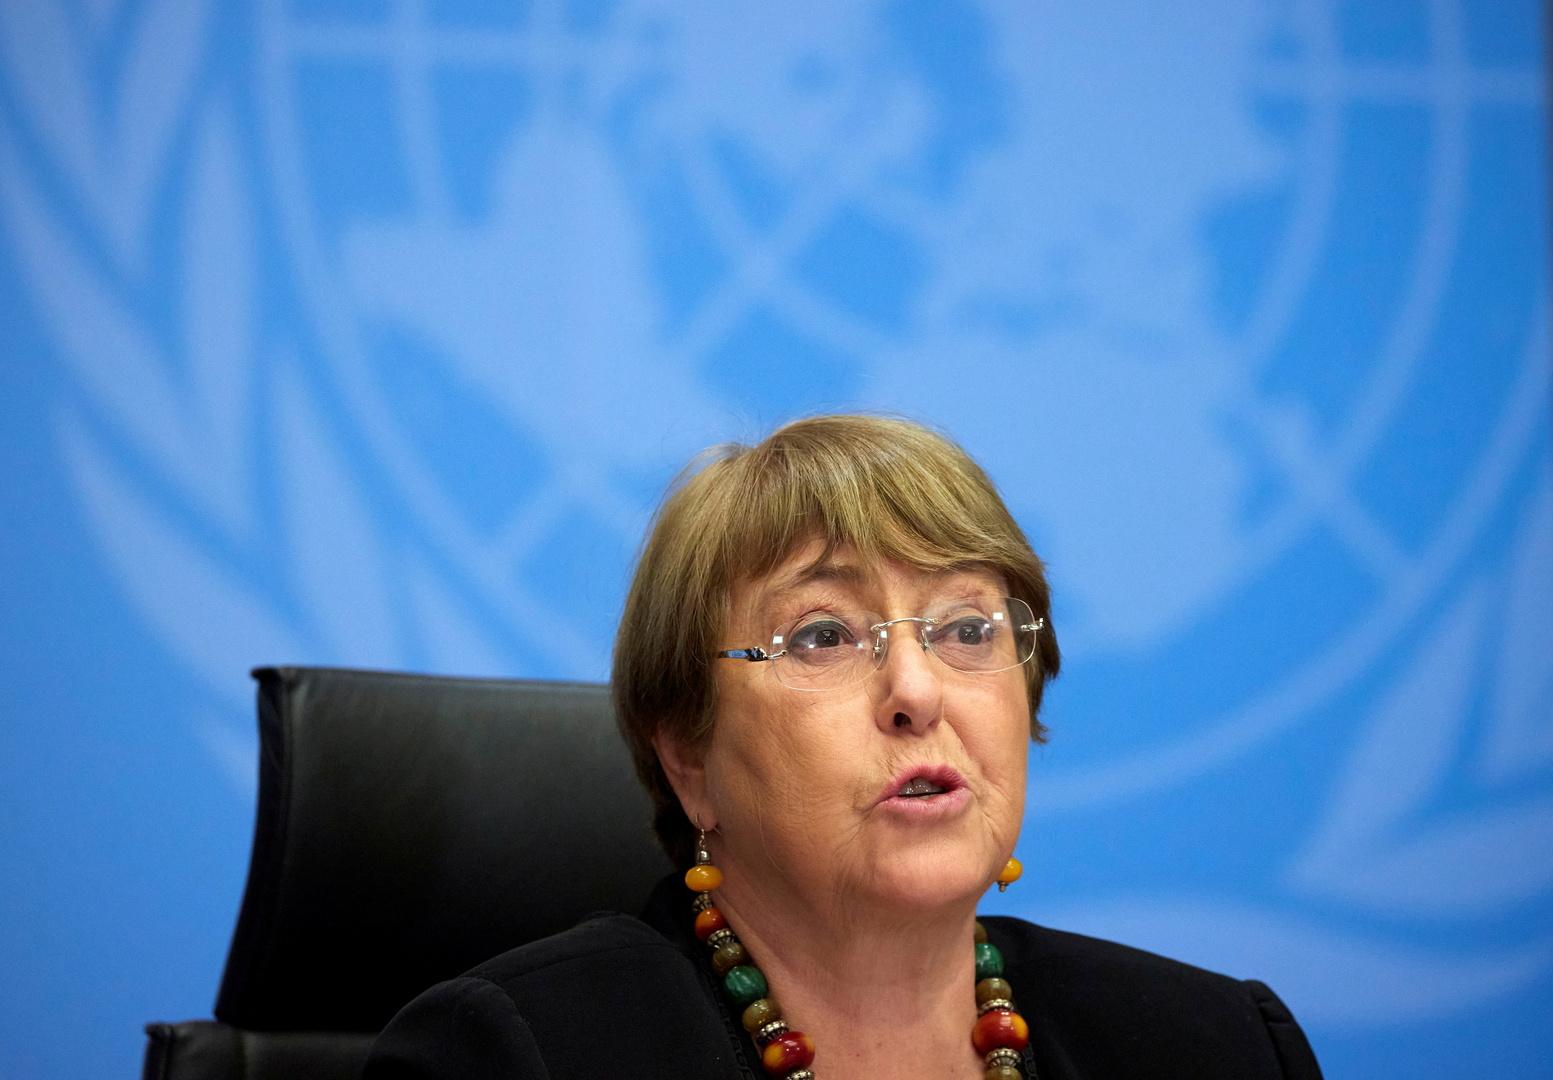 الأمم المتحدة تعرب عن قلقها إزاء استخدام برمجيات خبيثة للتجسس